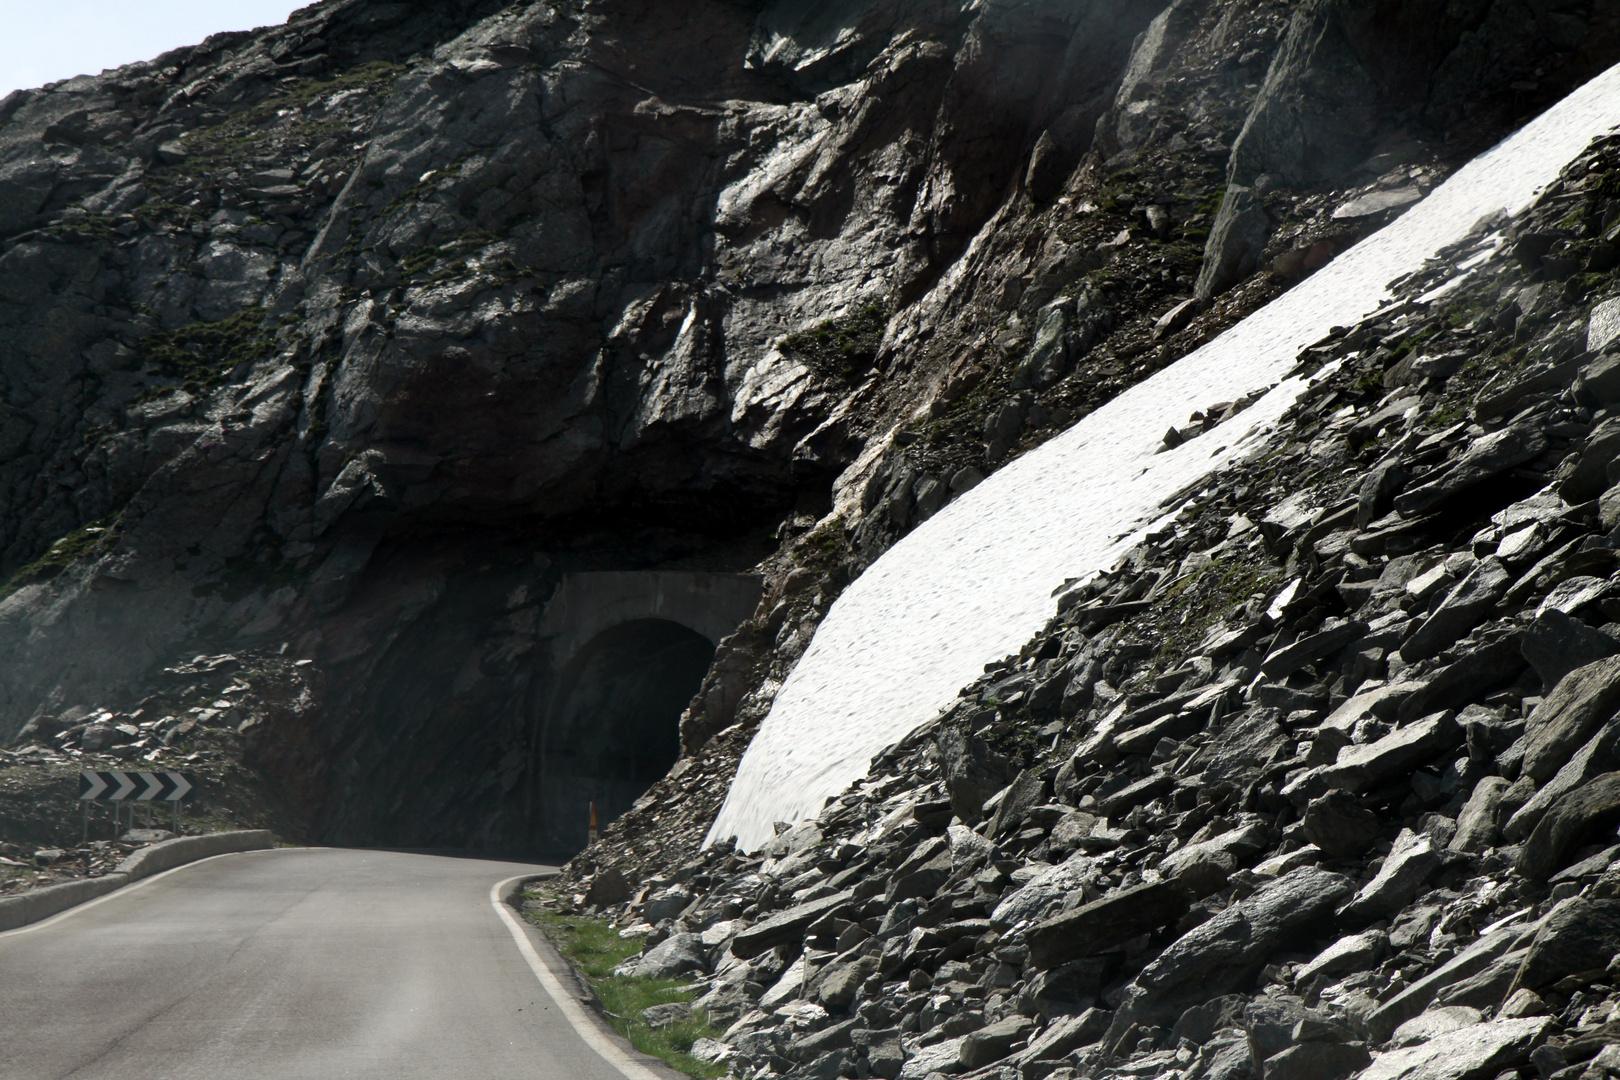 ... jetzt nur noch durchs Tunnel ...